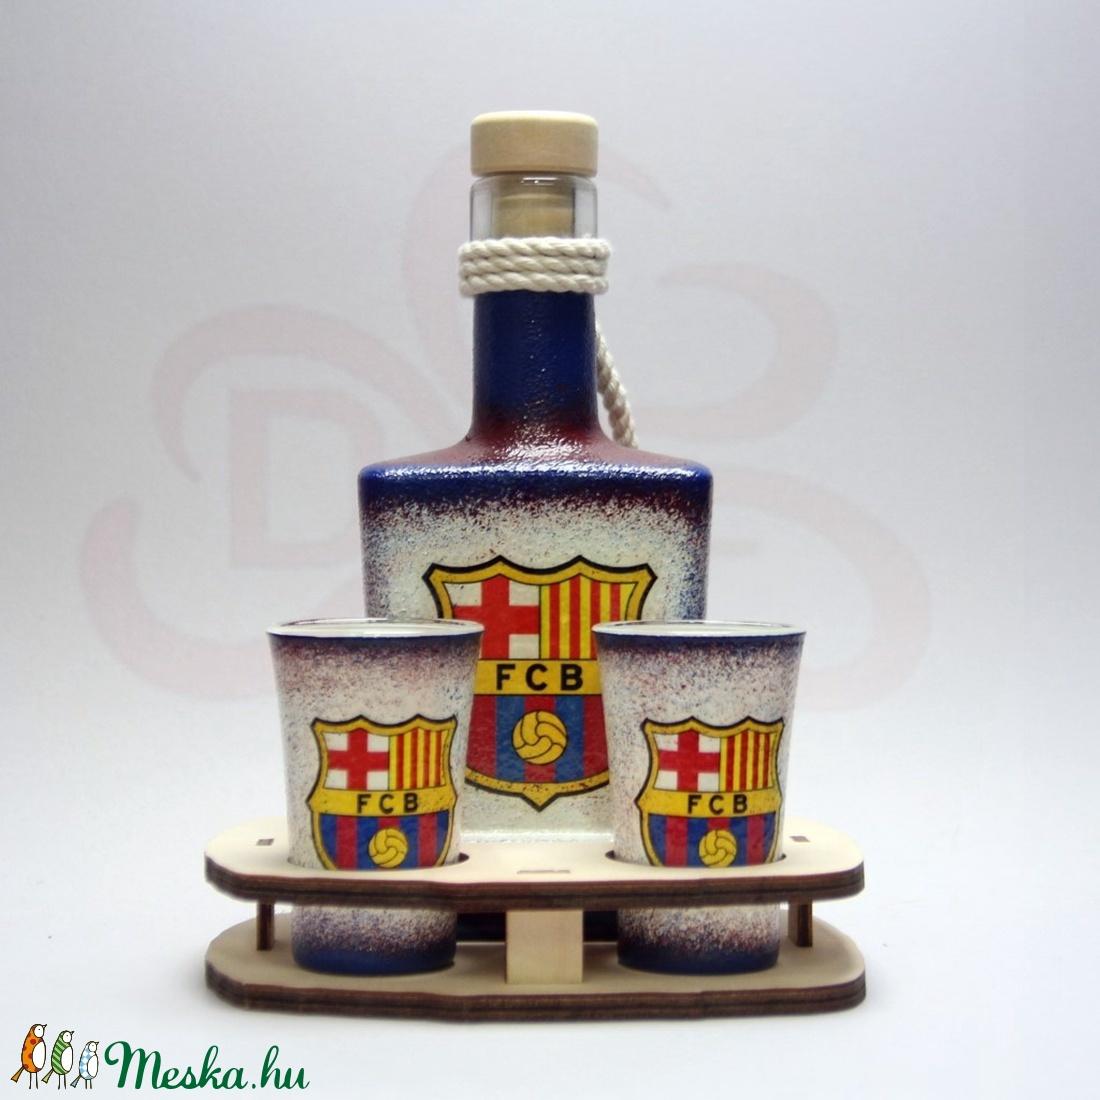 FC Barcelona italos készlet; Barcelona futball szurkolóknak - Meska.hu